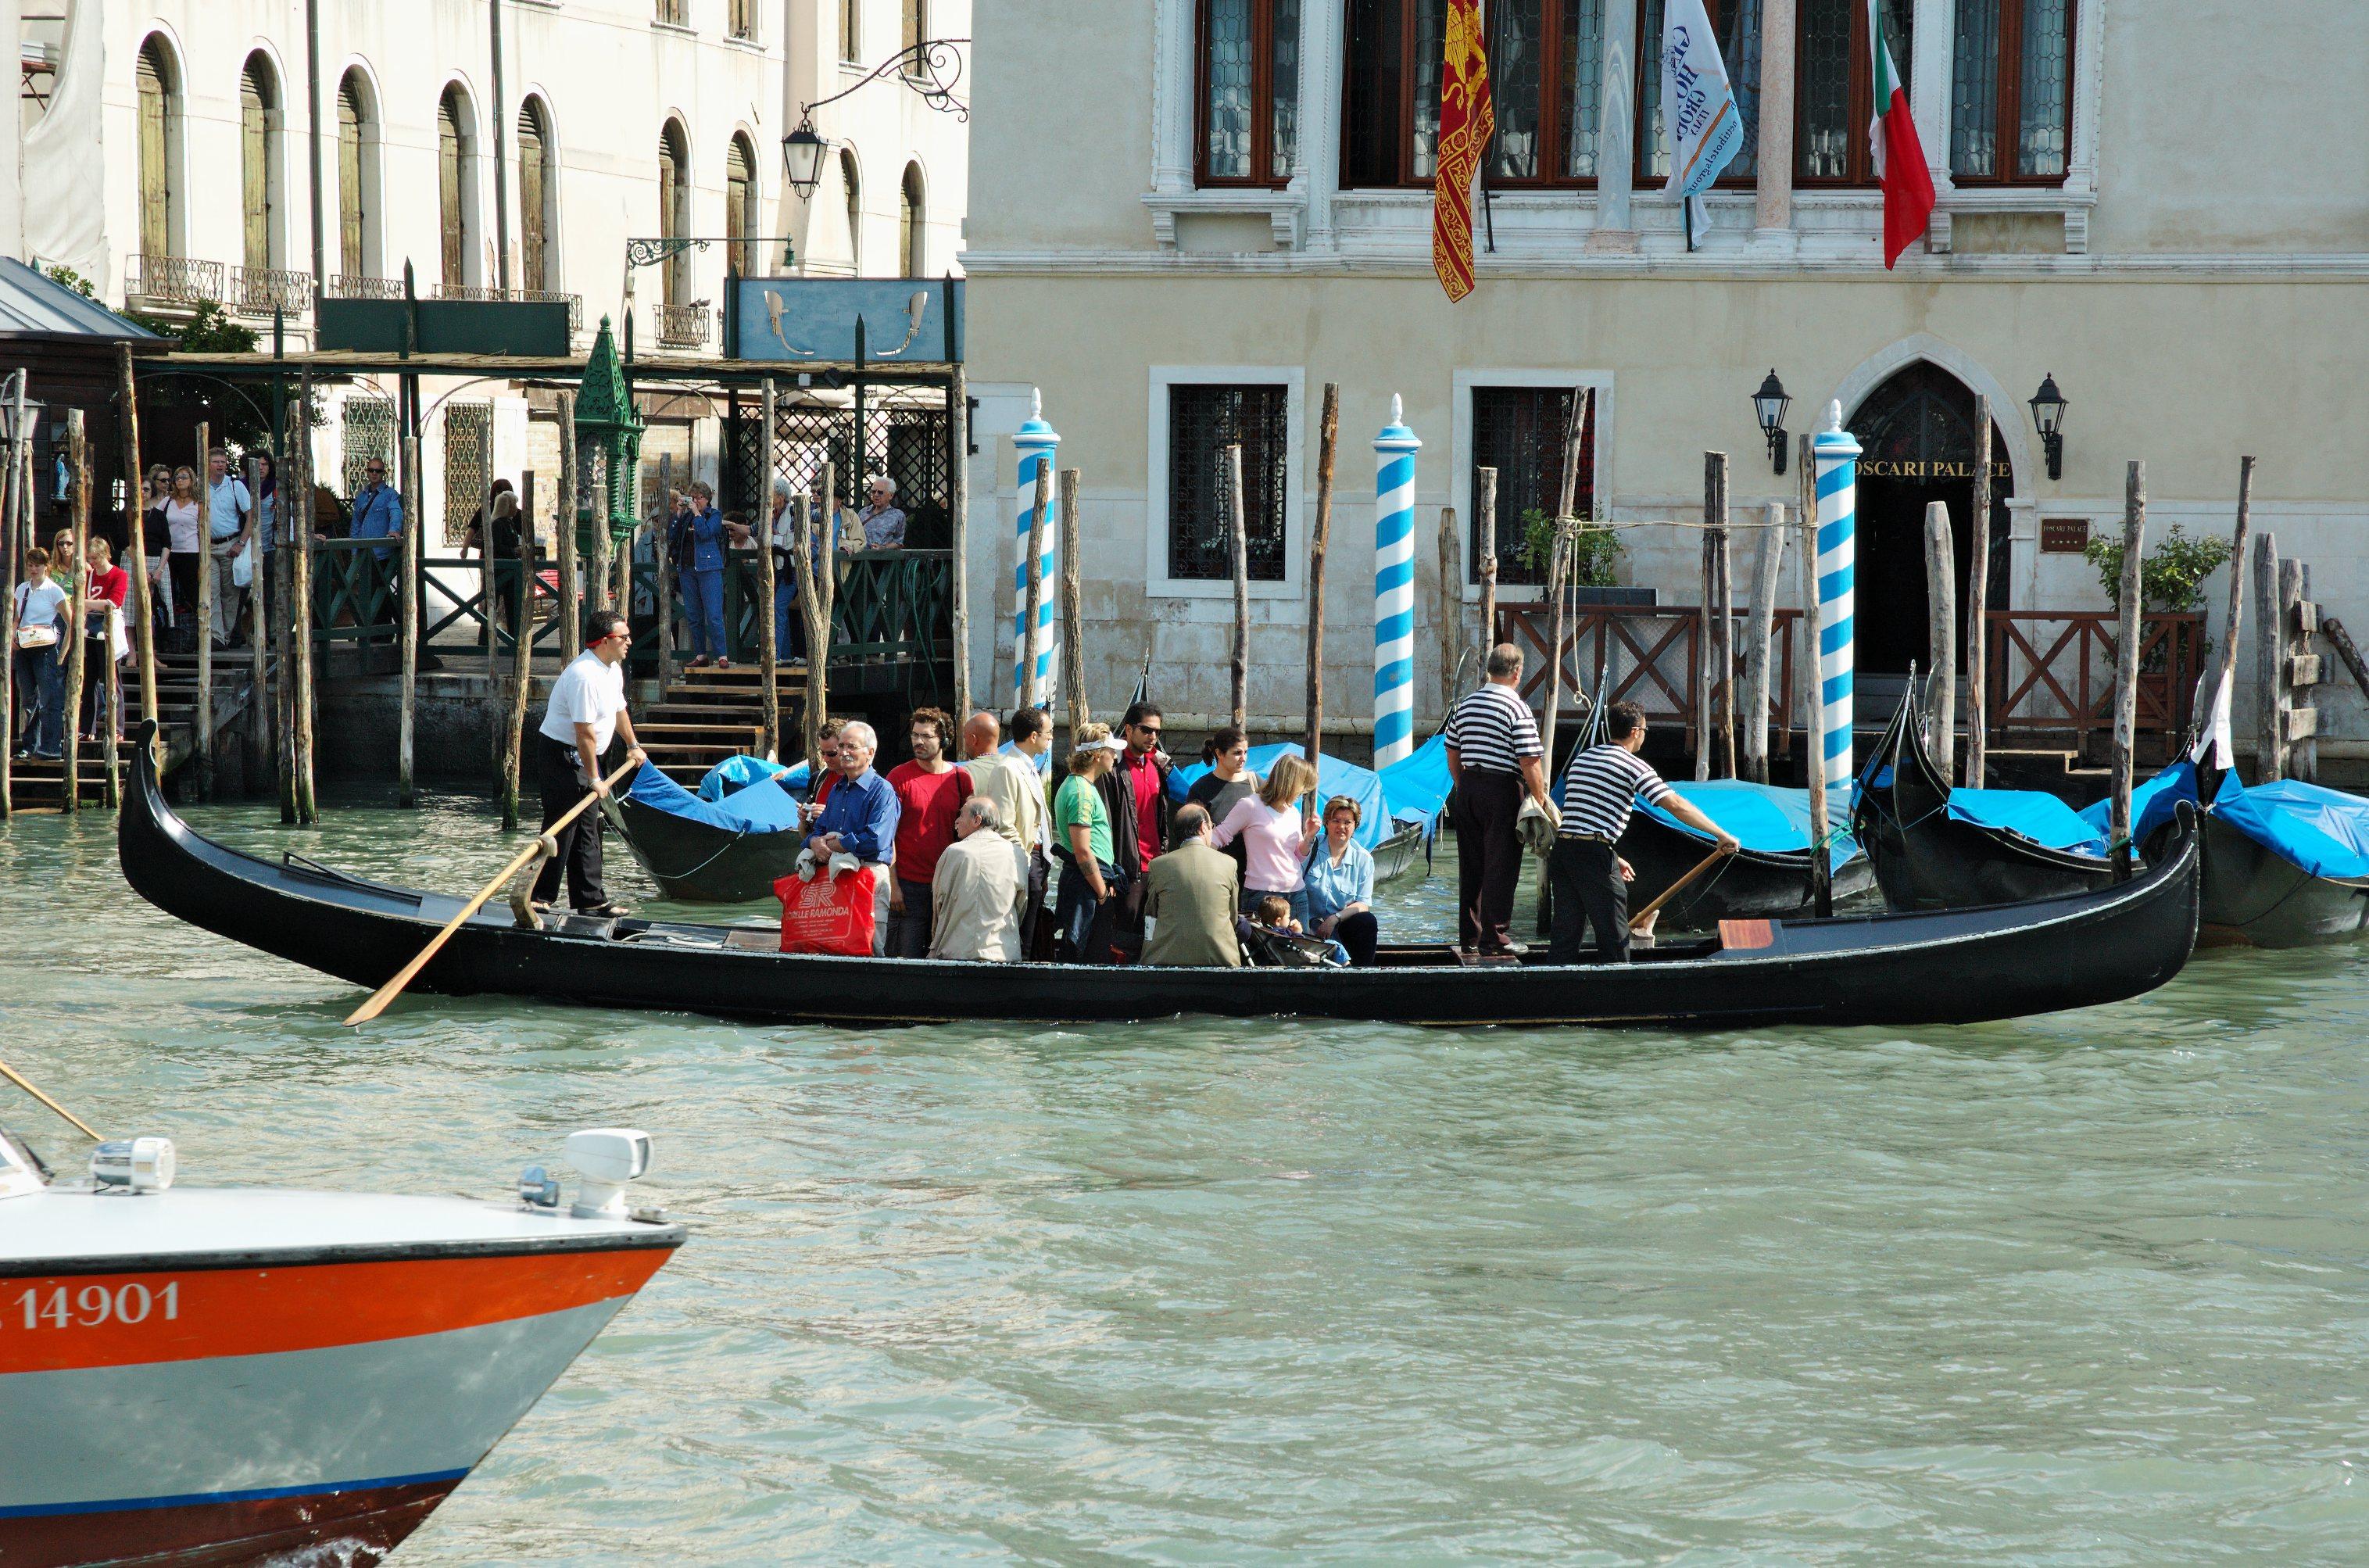 Traghetto-gondola